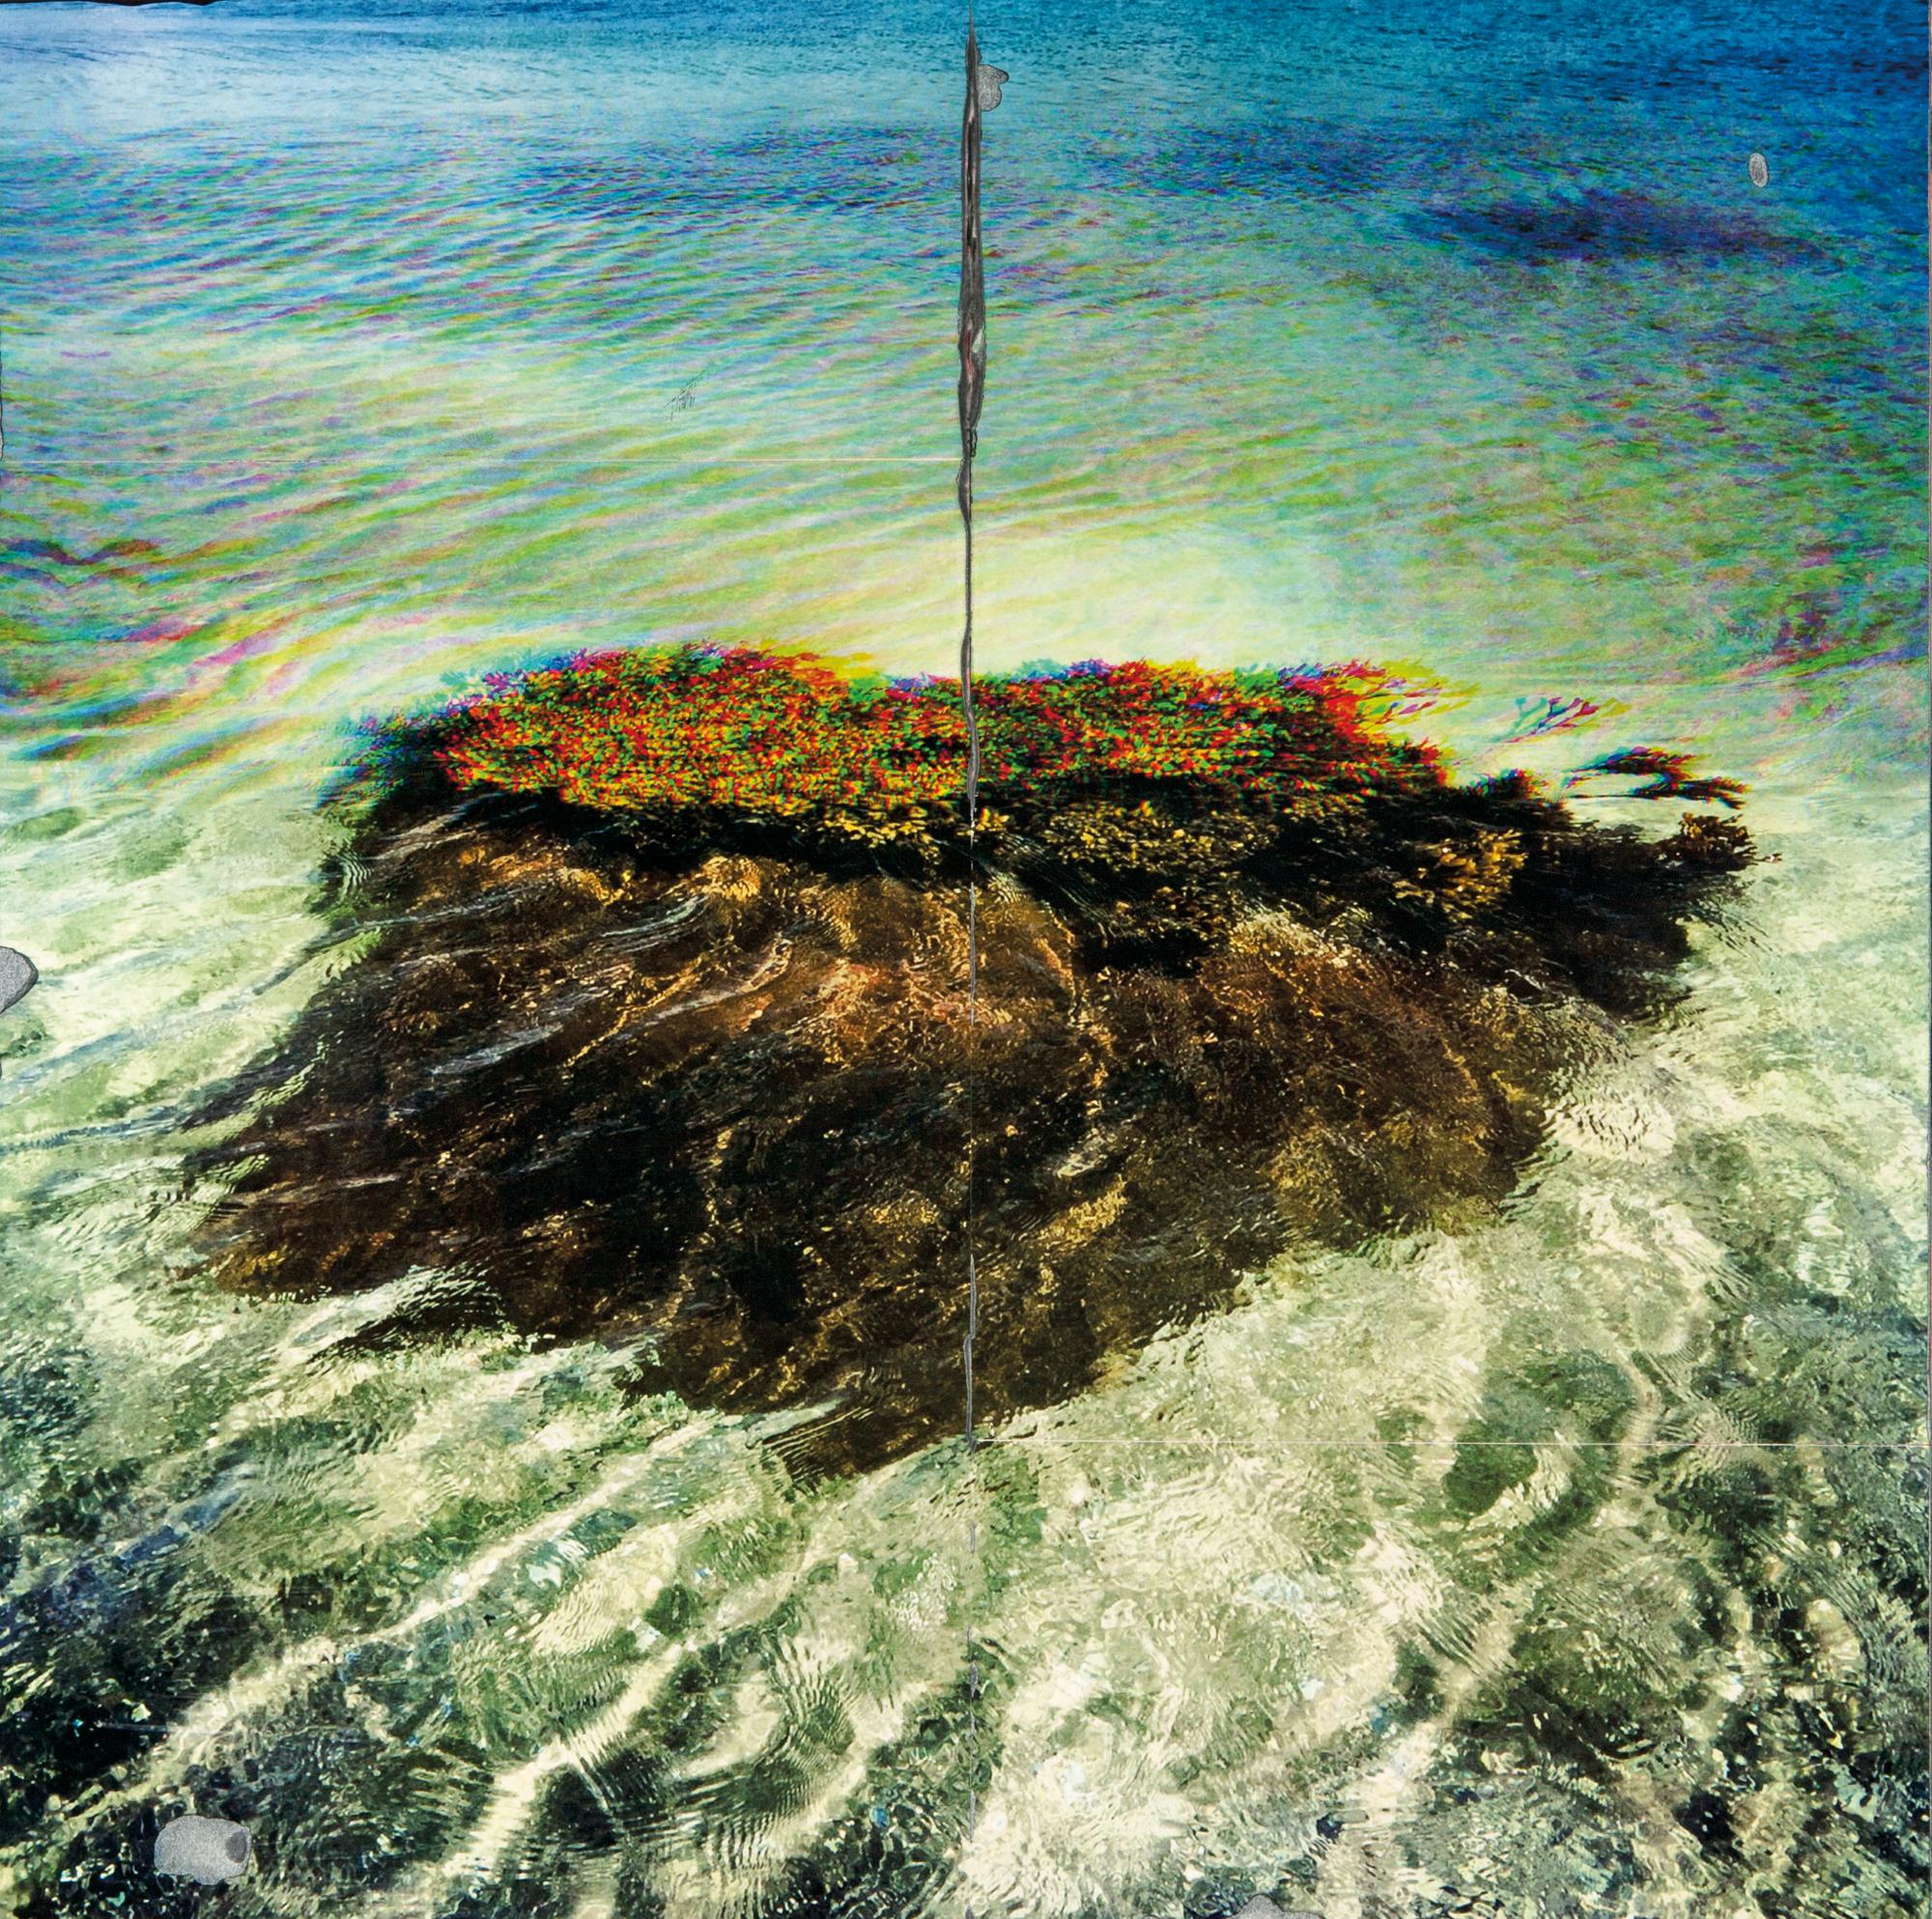 Laurence-CMYK Seaweed_rev2.jpg